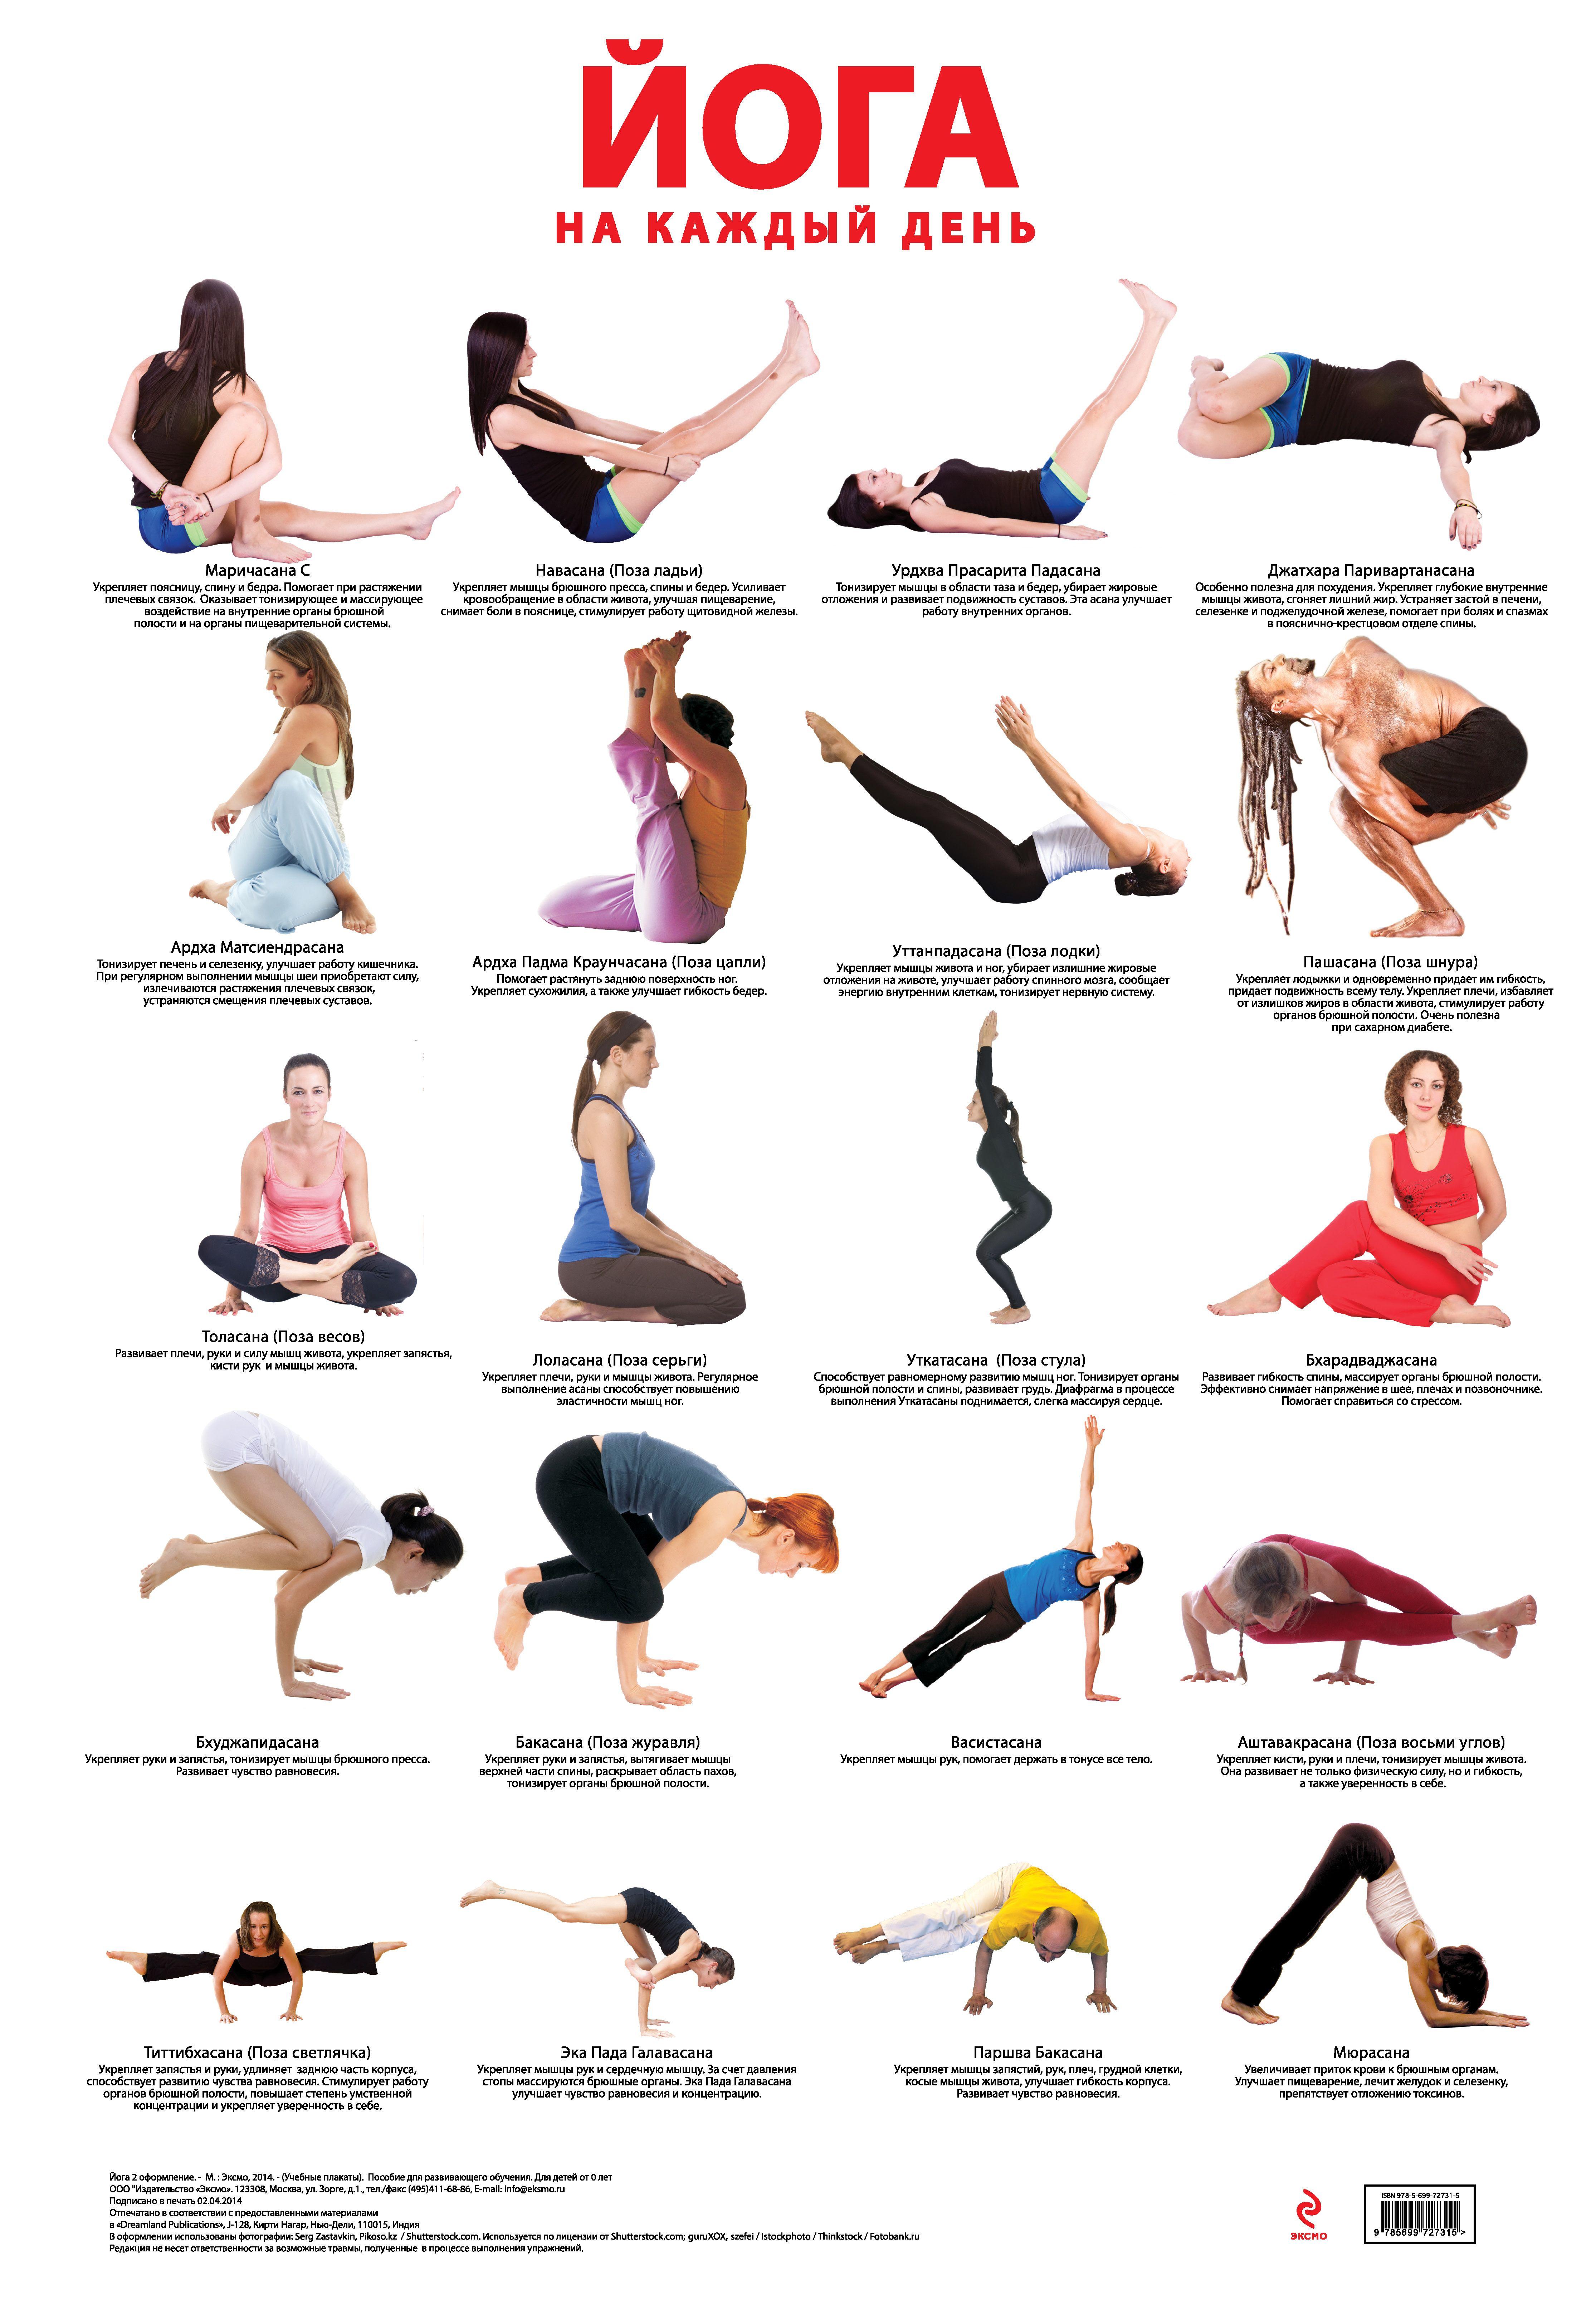 Основные упражнение в йоге картинки